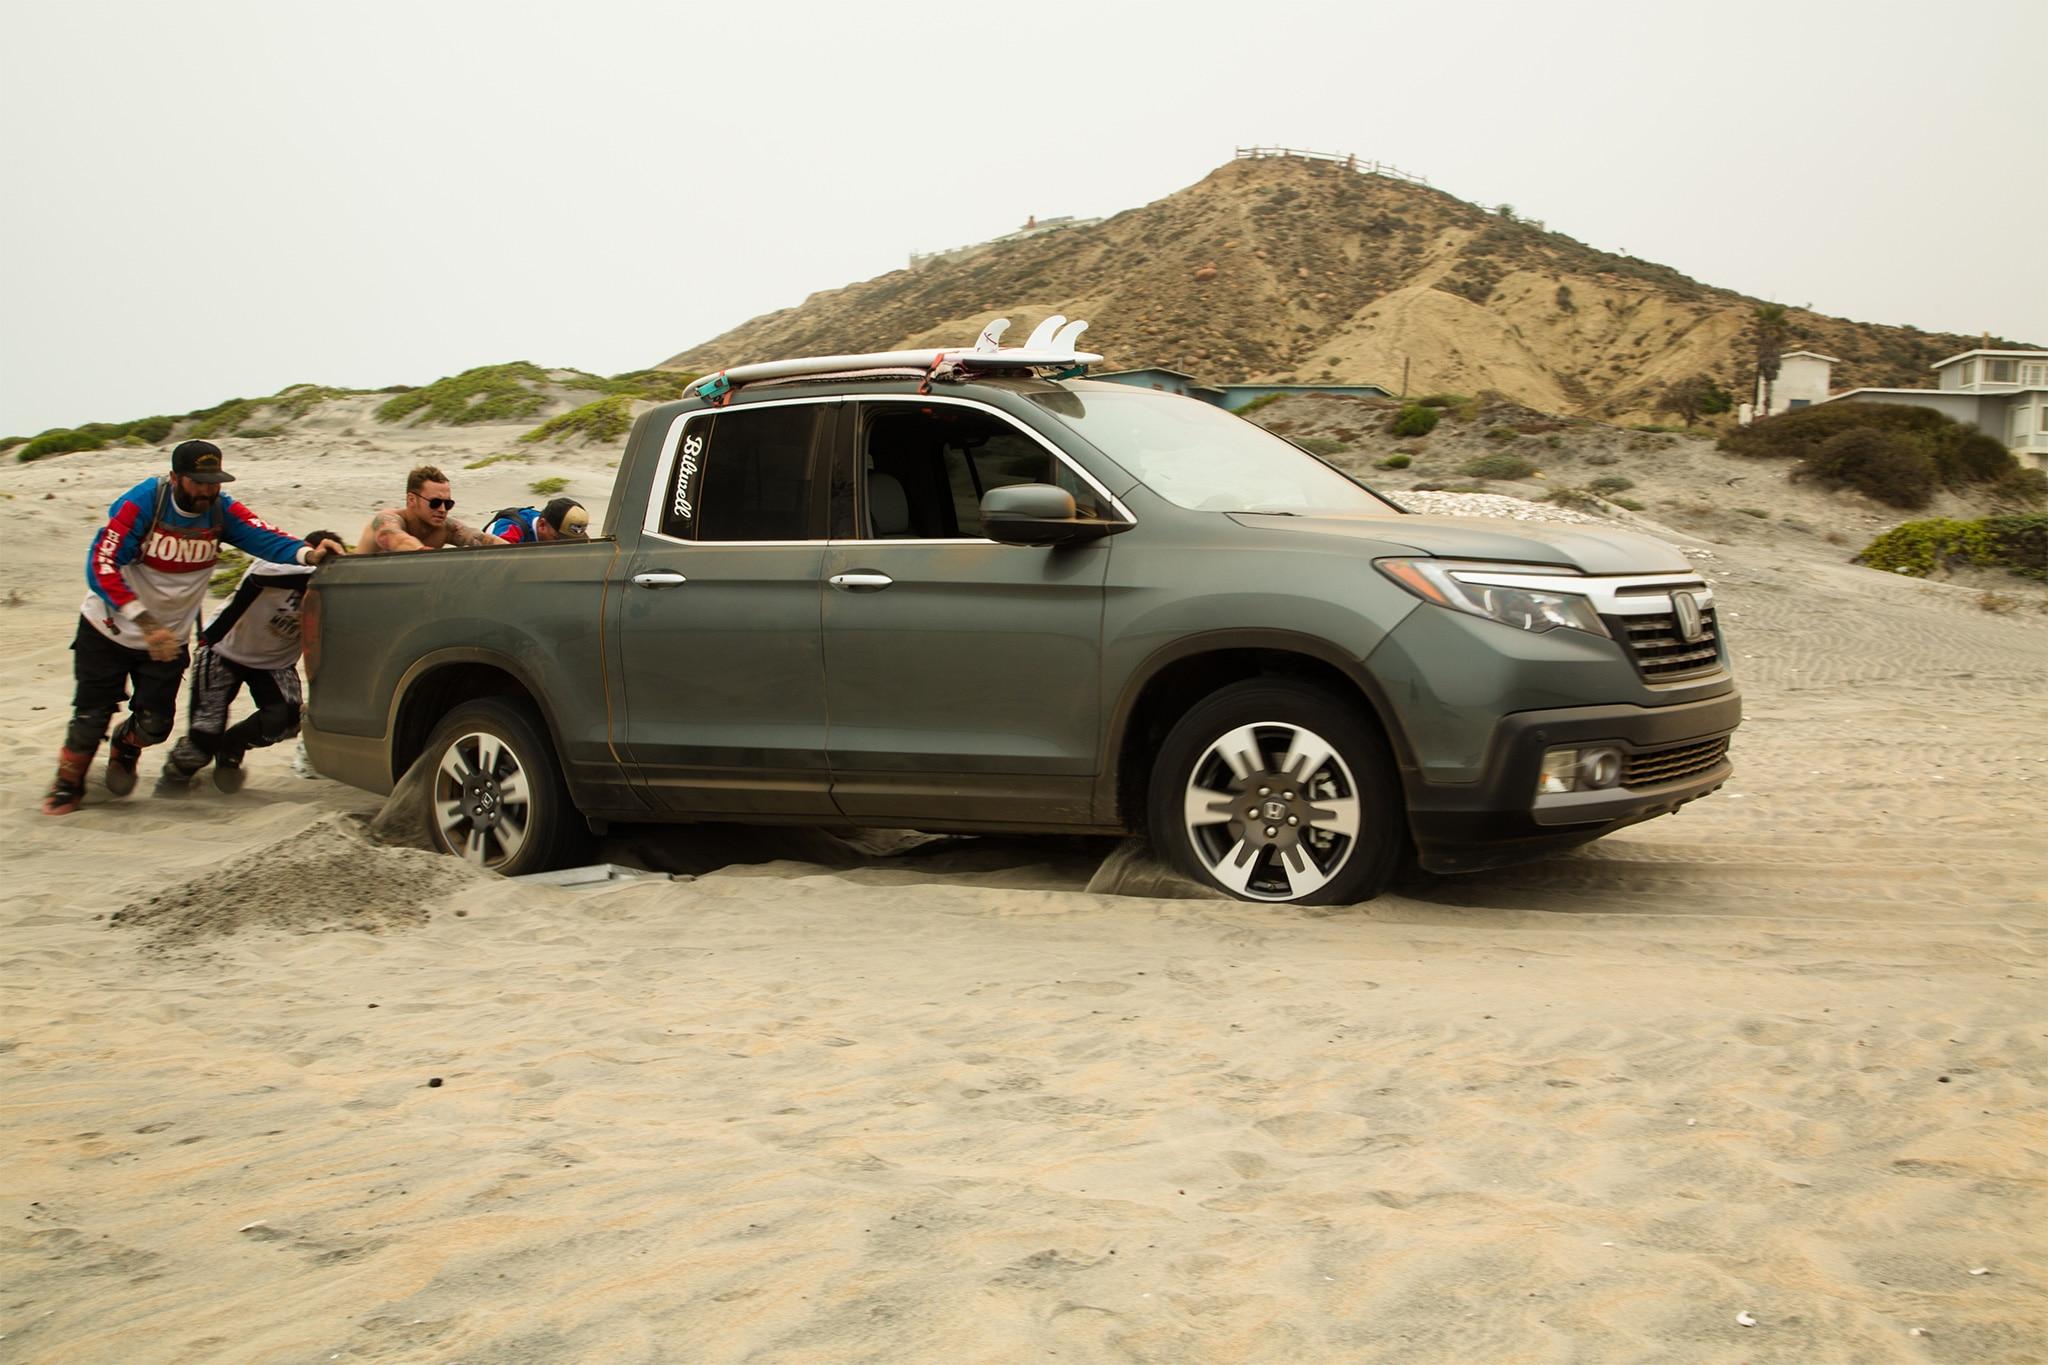 2017 Honda Ridgeline in Baja California, Mexico ...